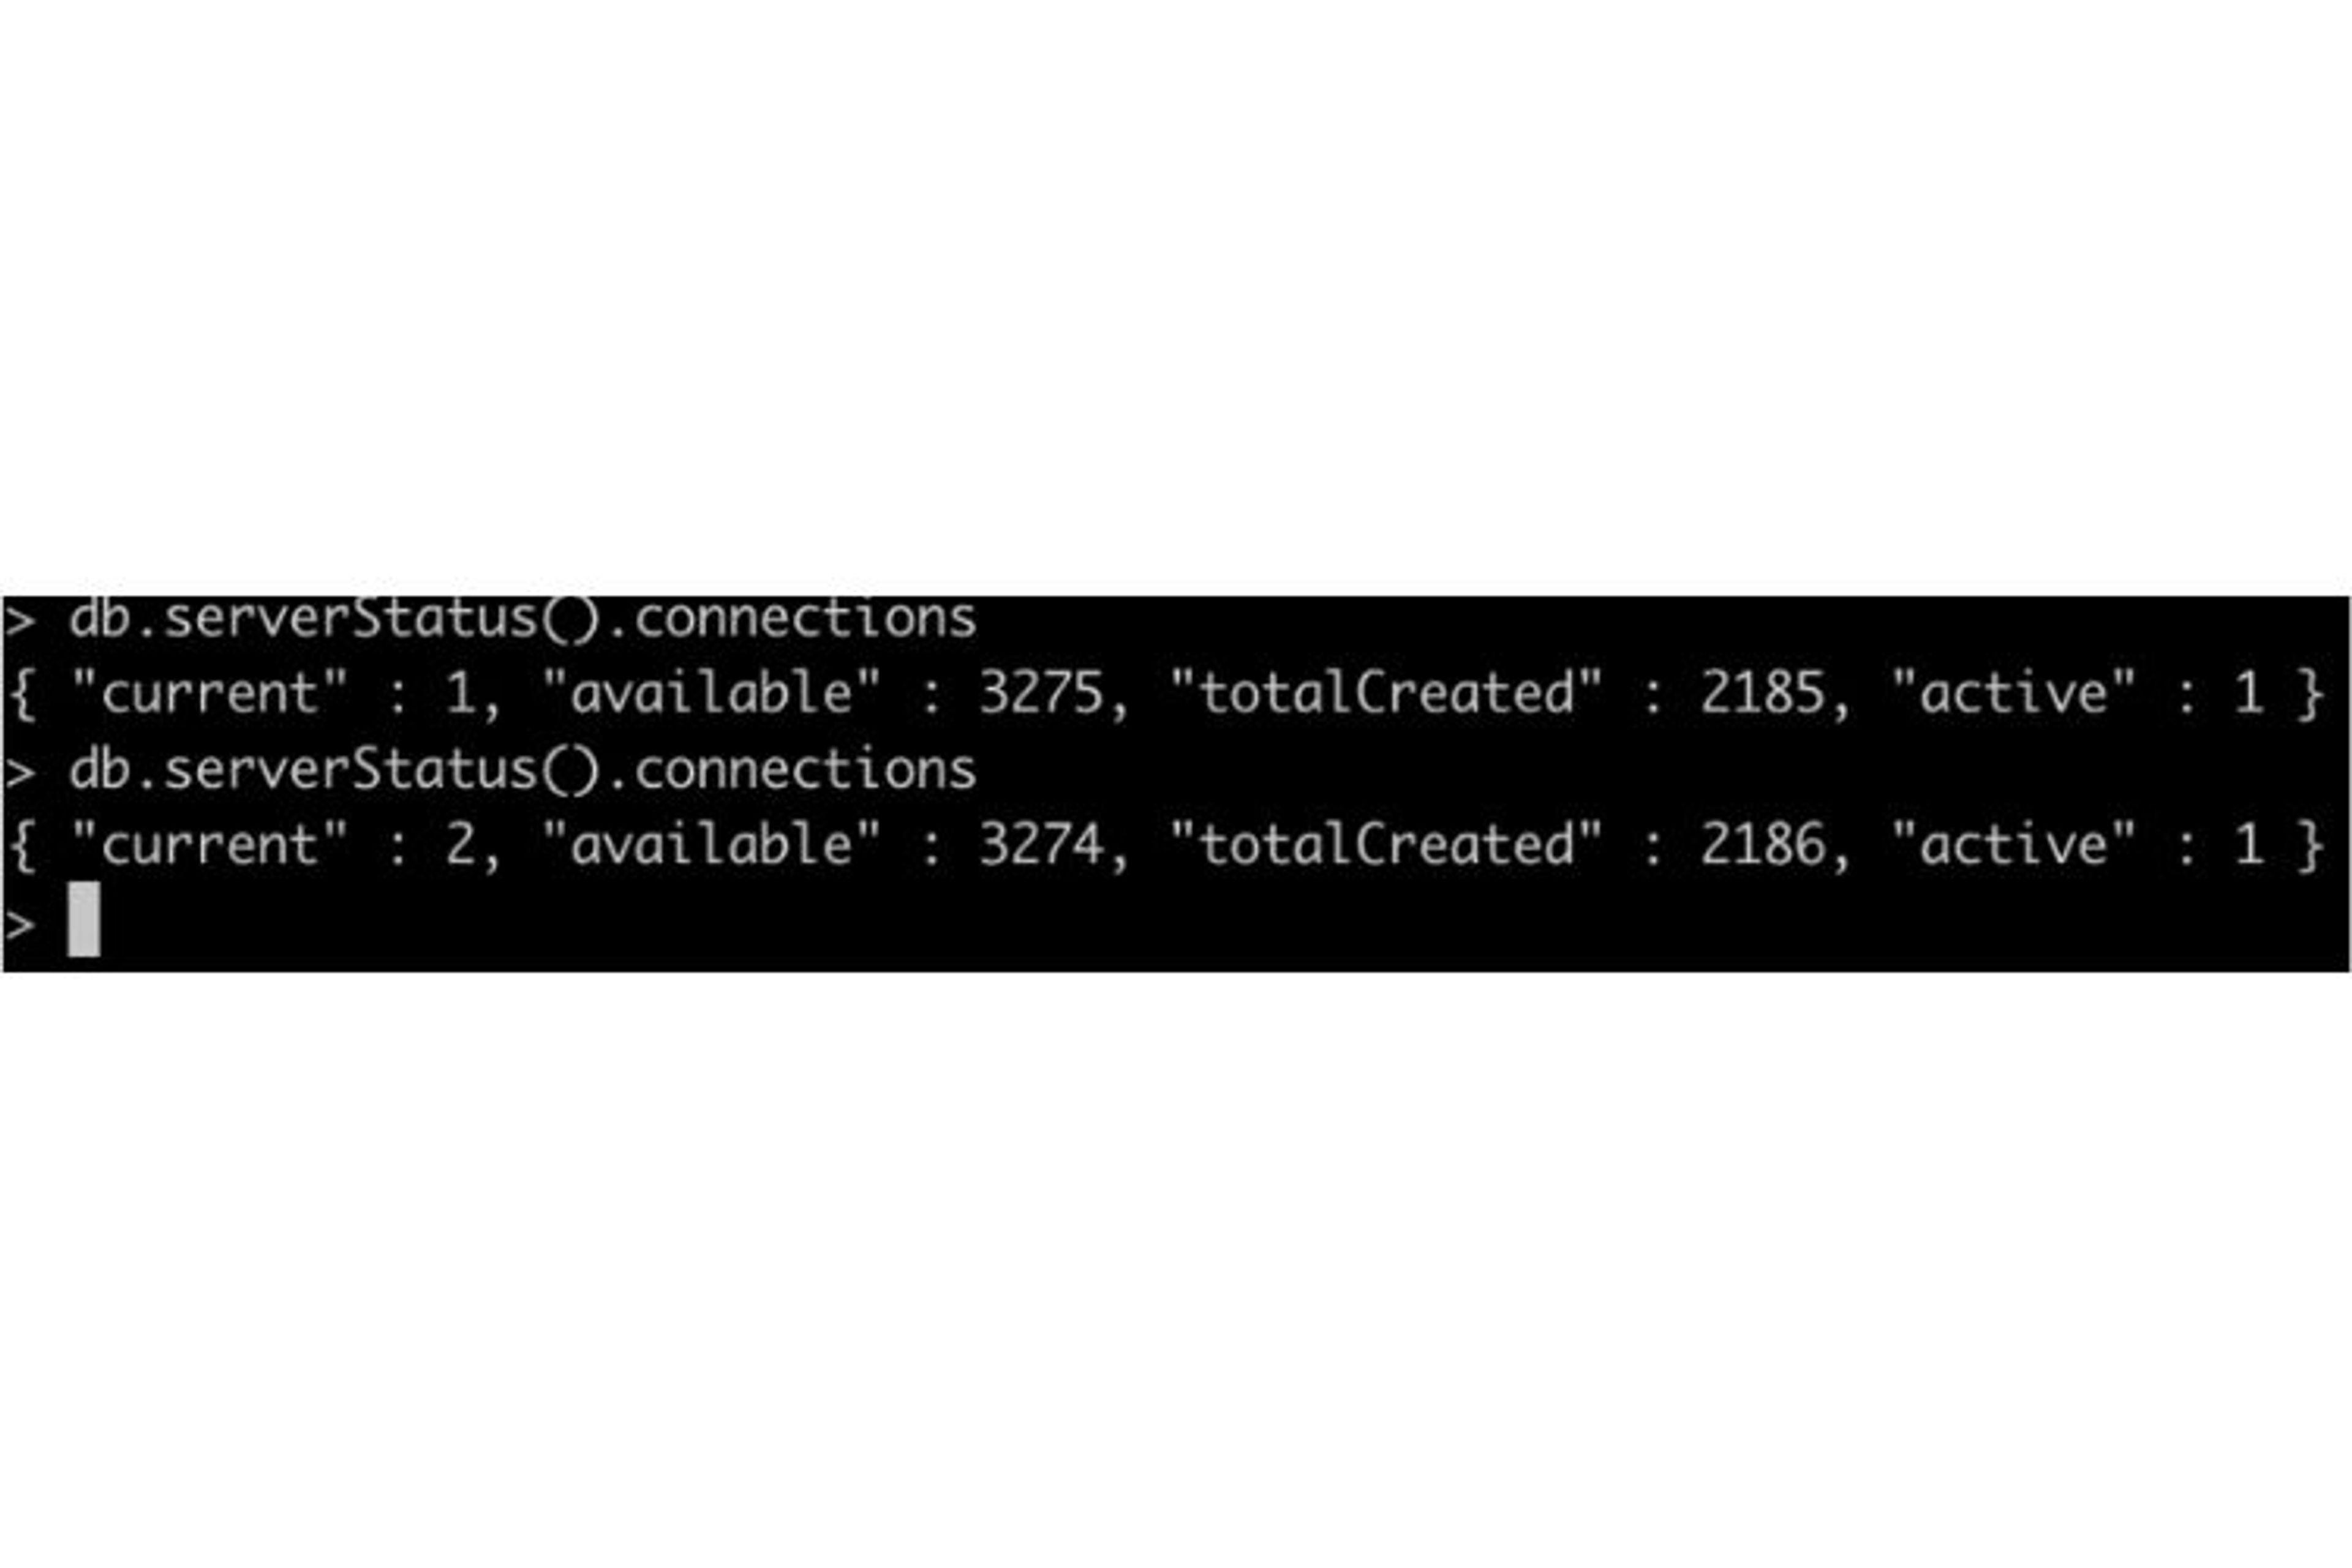 On observe que notre API Node JS MongoDB a bien réussi à se connecter à la base de données